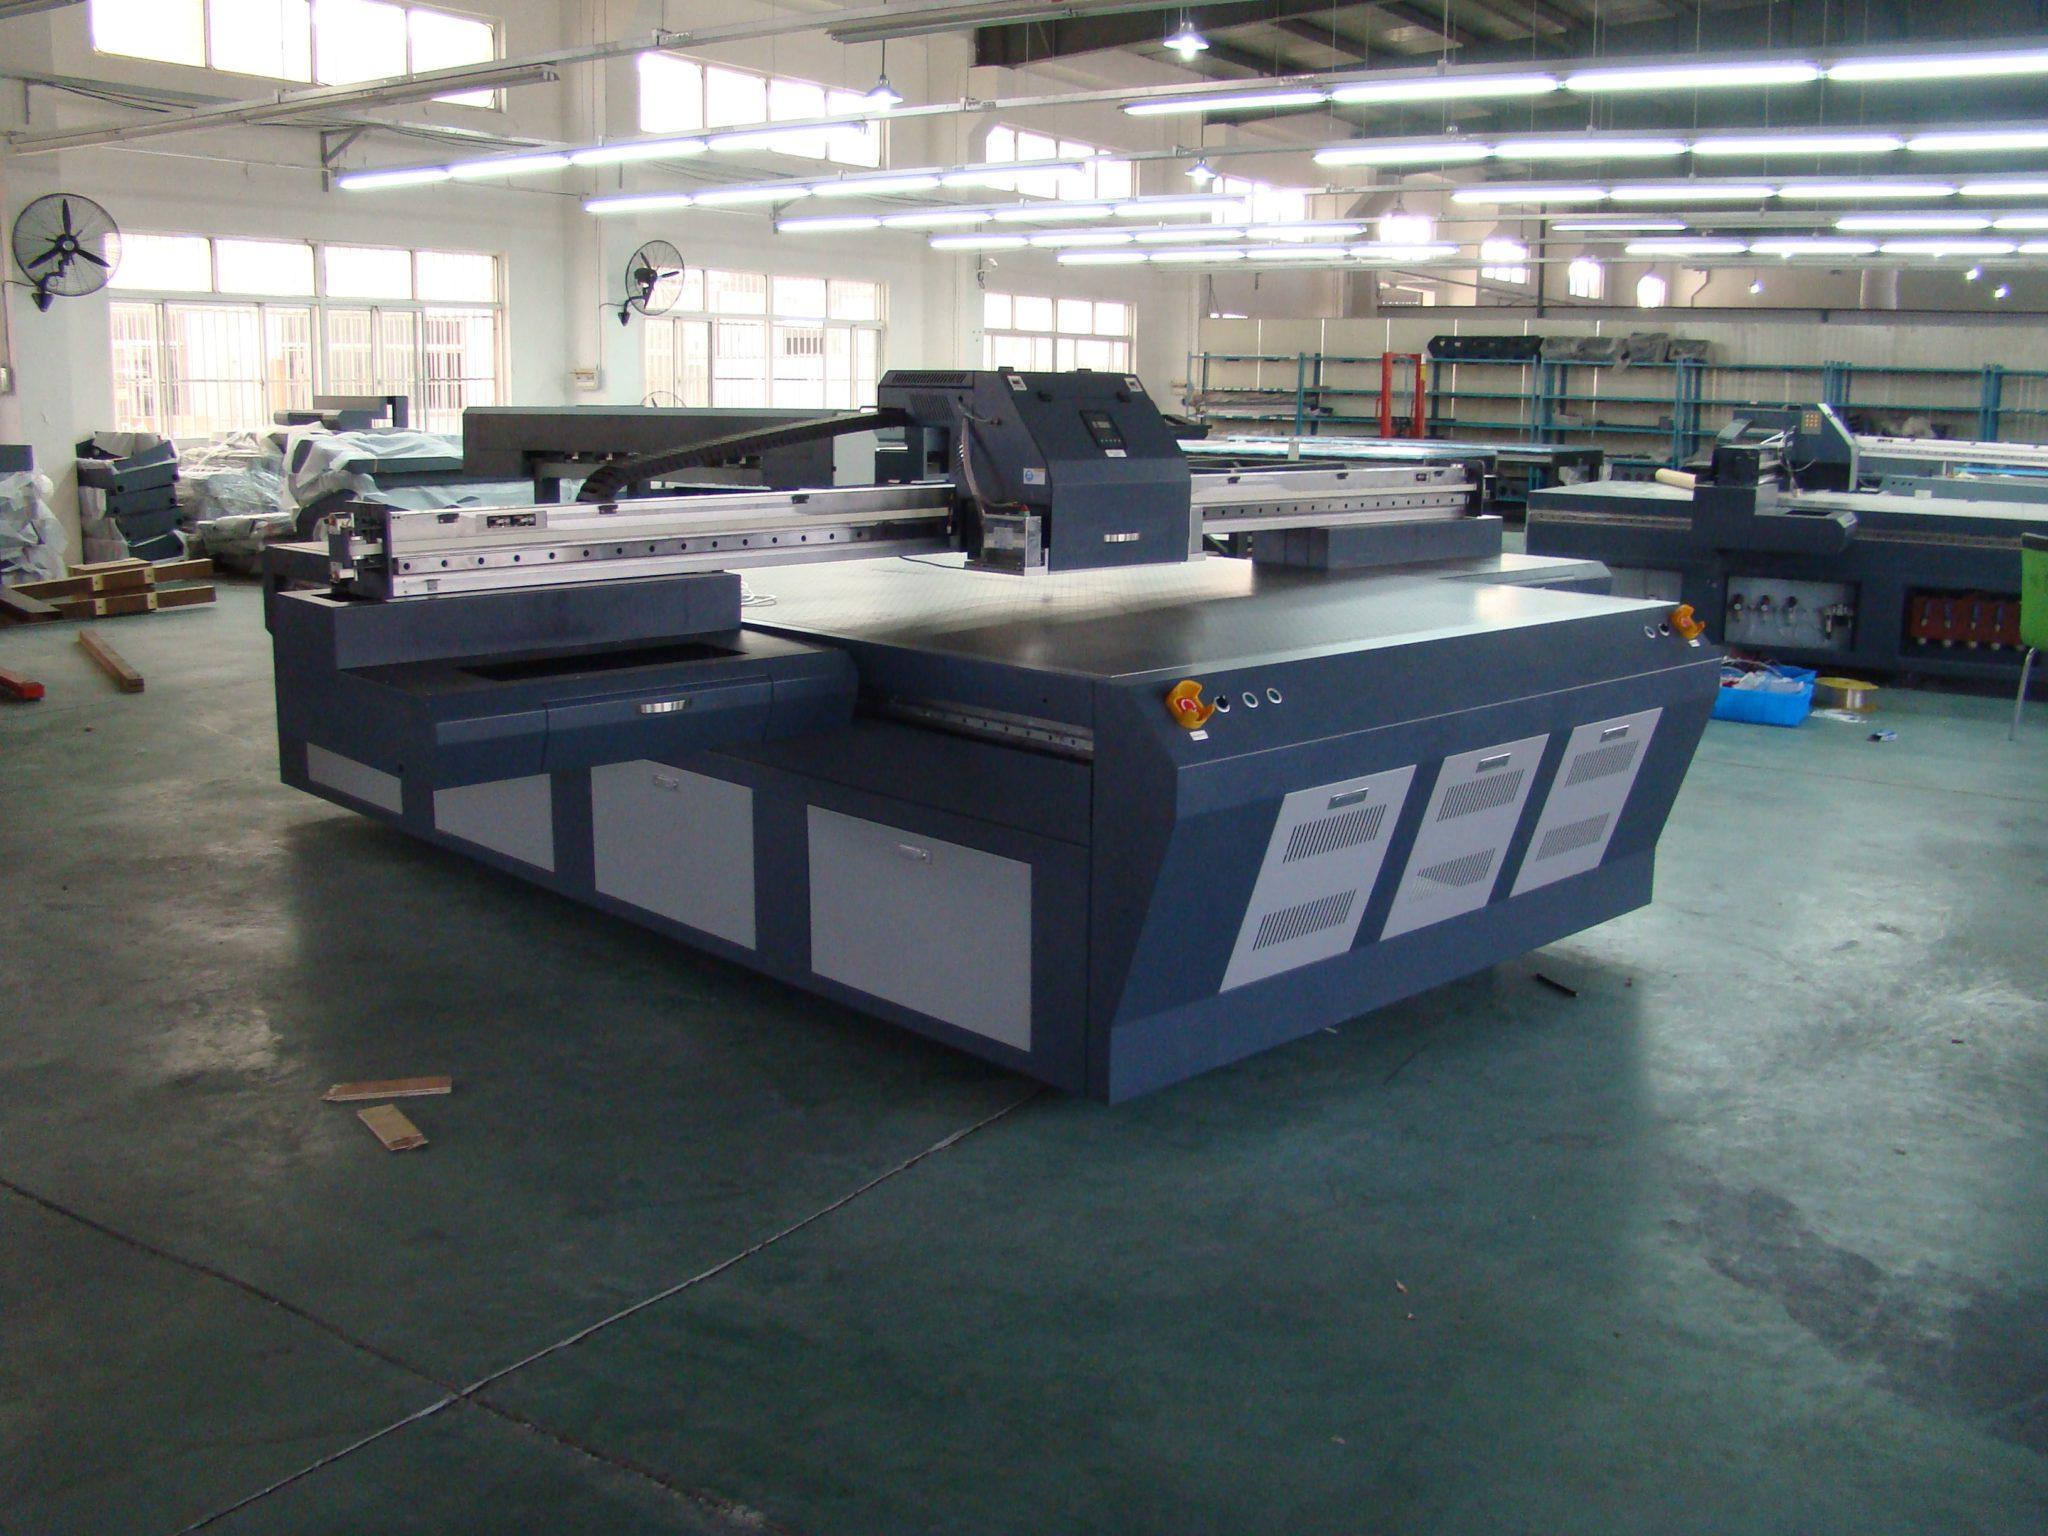 Широкоформатный принтер для печати на плоских поверхностях BPjet-2030UV